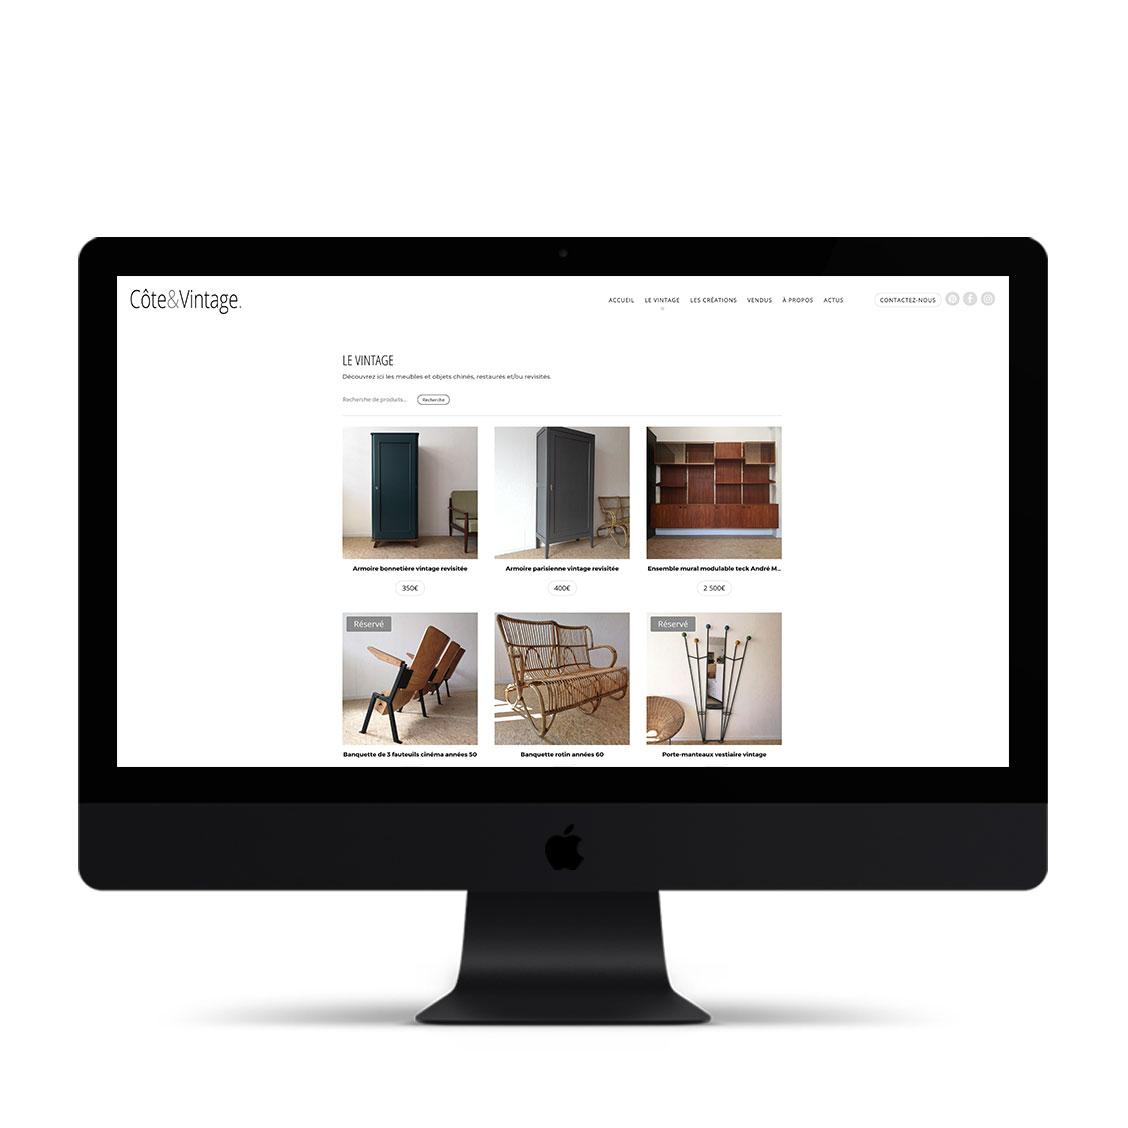 cote-et-vintage-site-web-graffocean-4